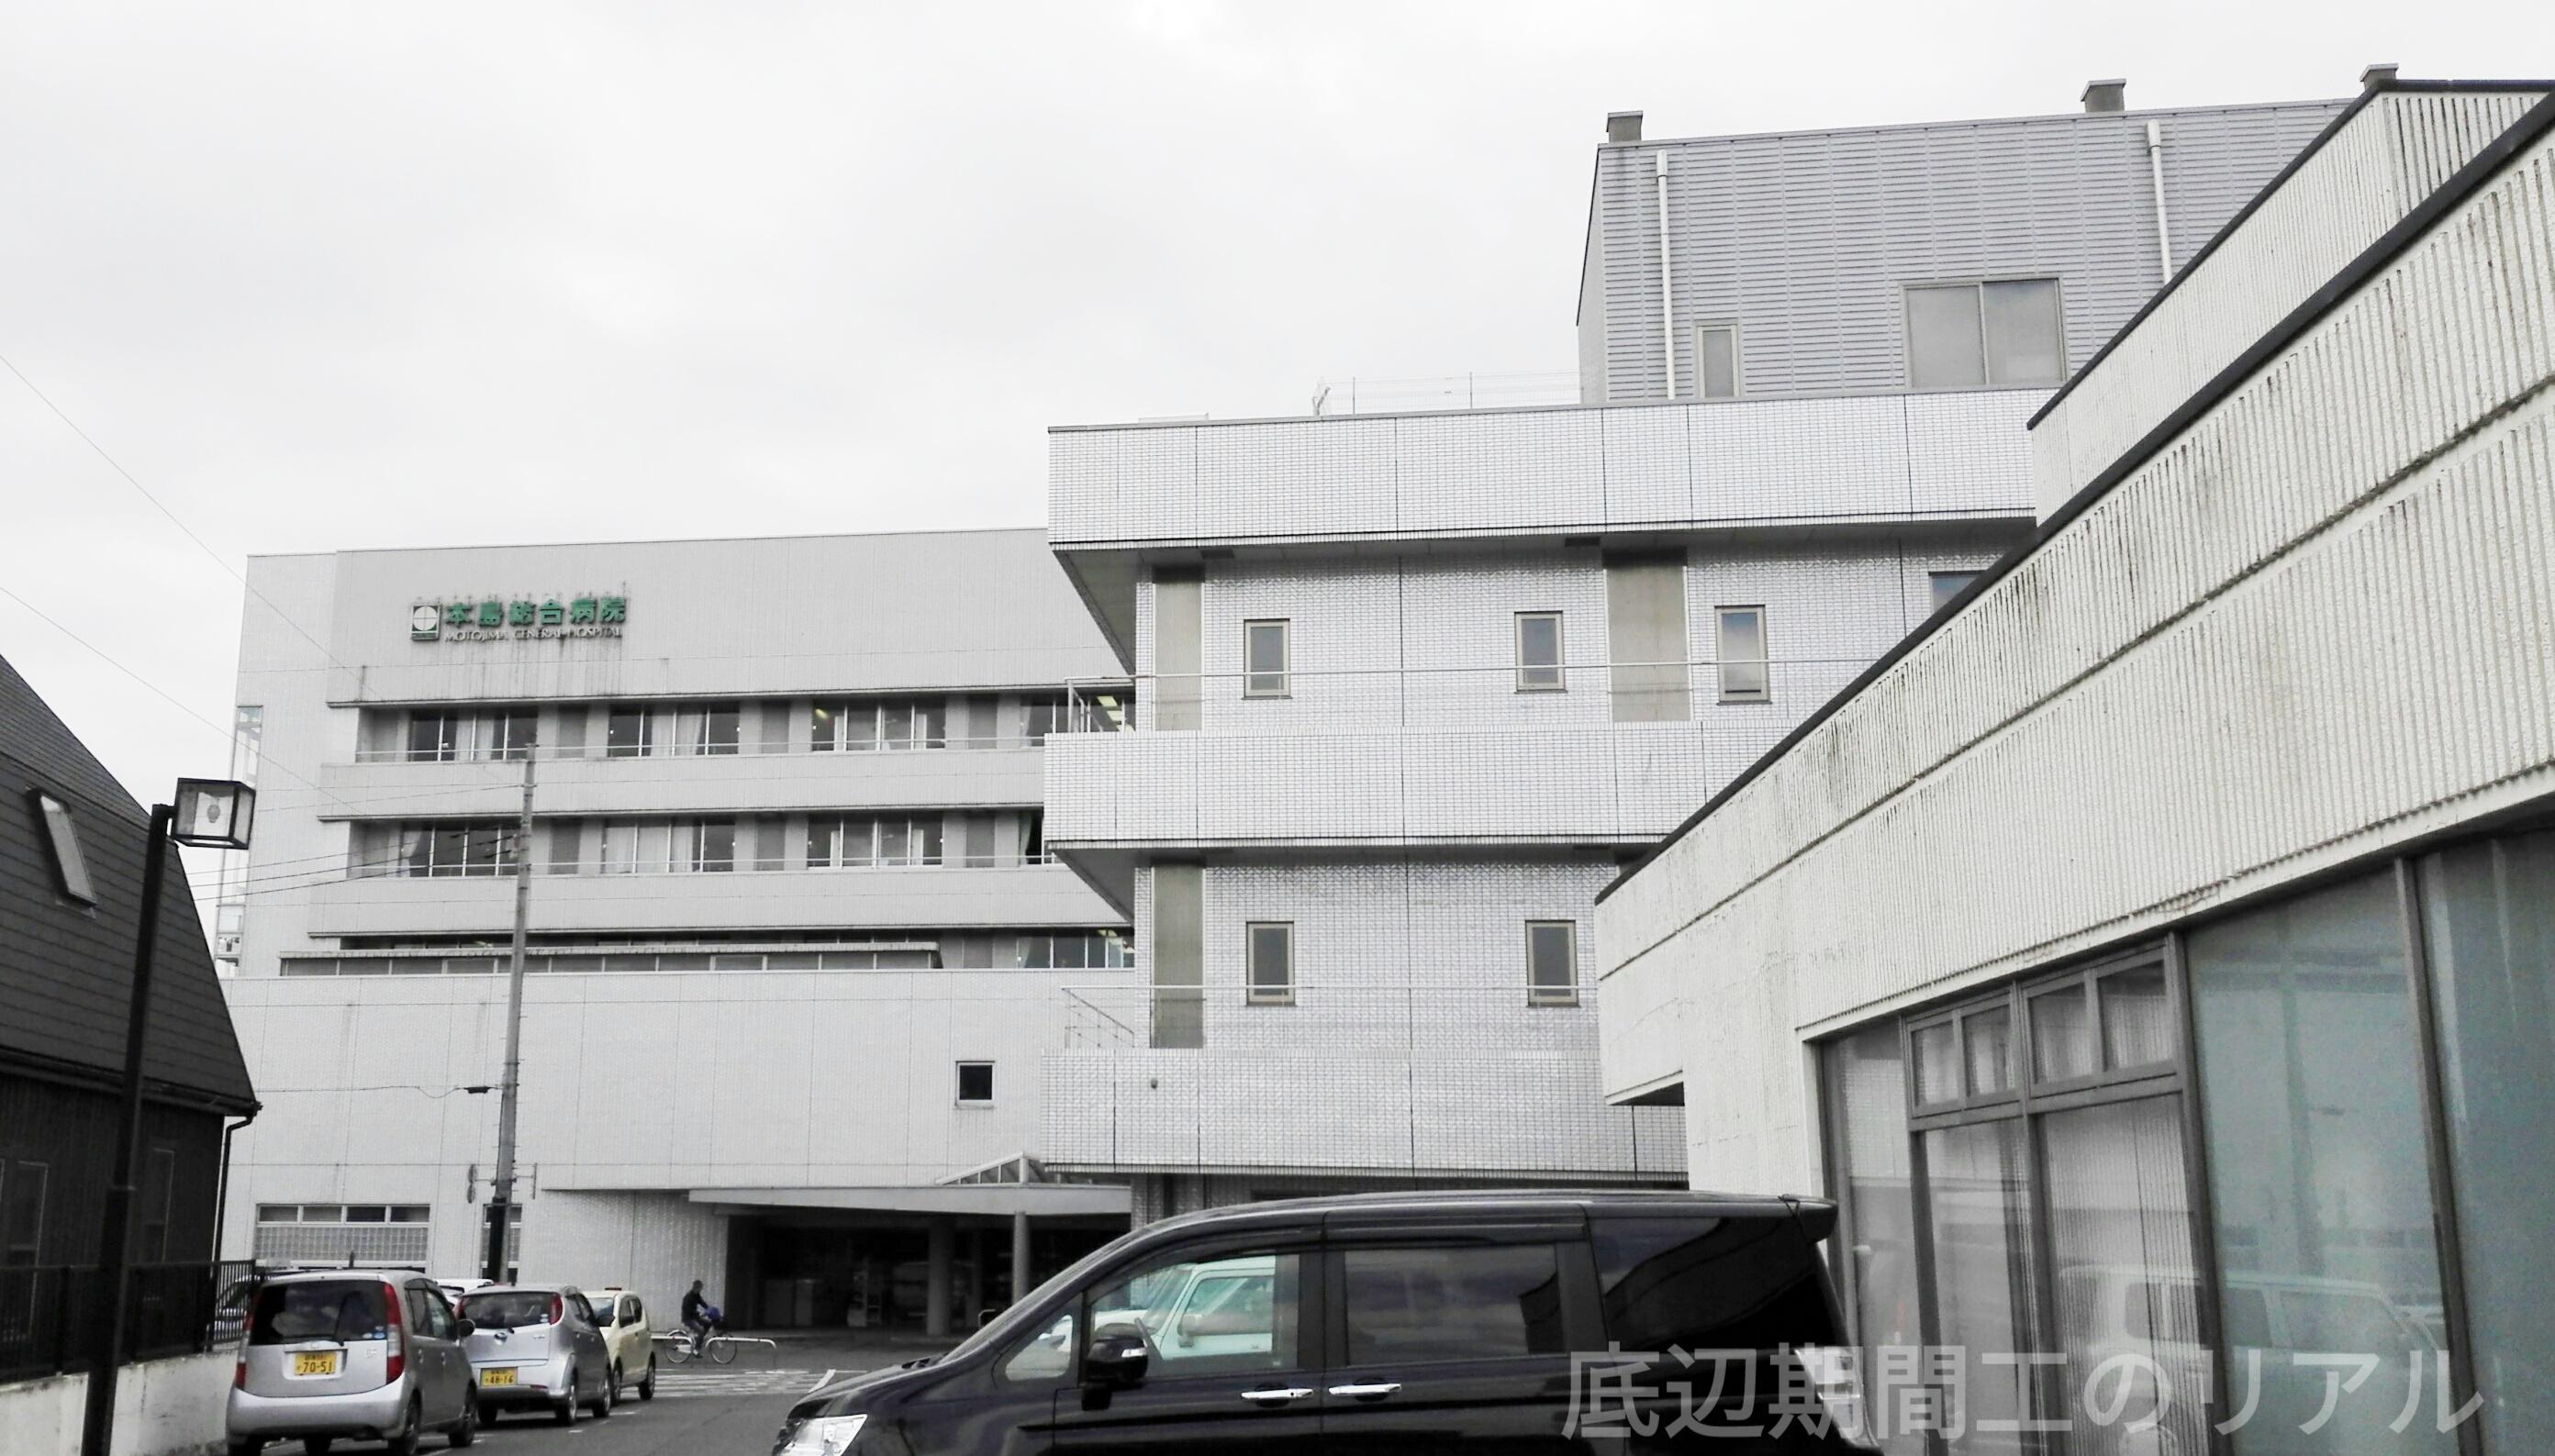 スバル太田記念病院・ドンドンダウン太田等!日興寮周辺環境(後編)